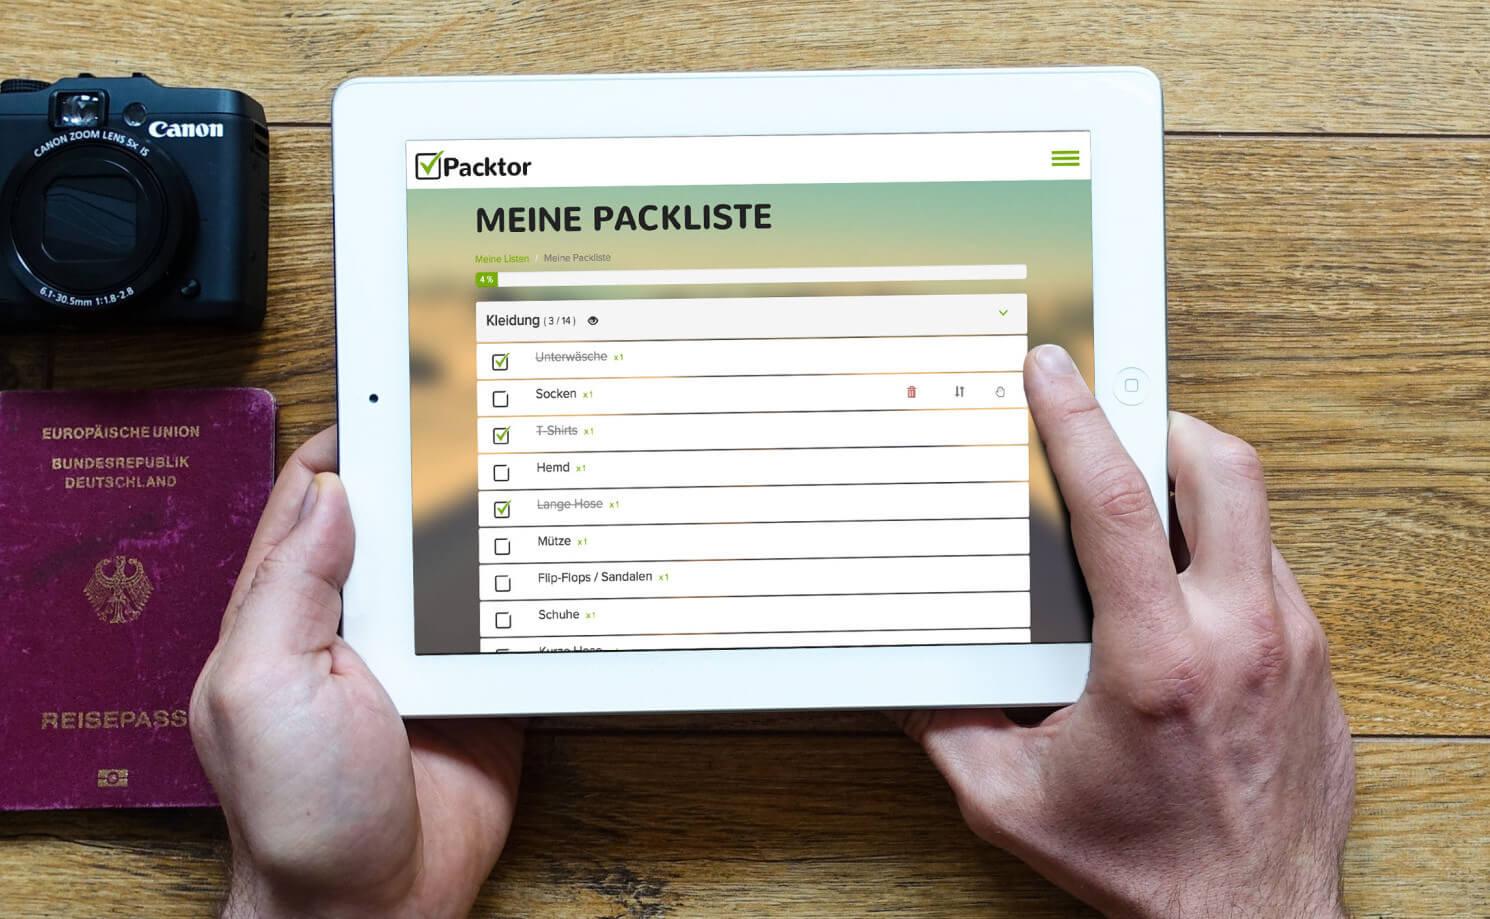 Packliste Urlaub und Reise: Der Packlisten-Generator